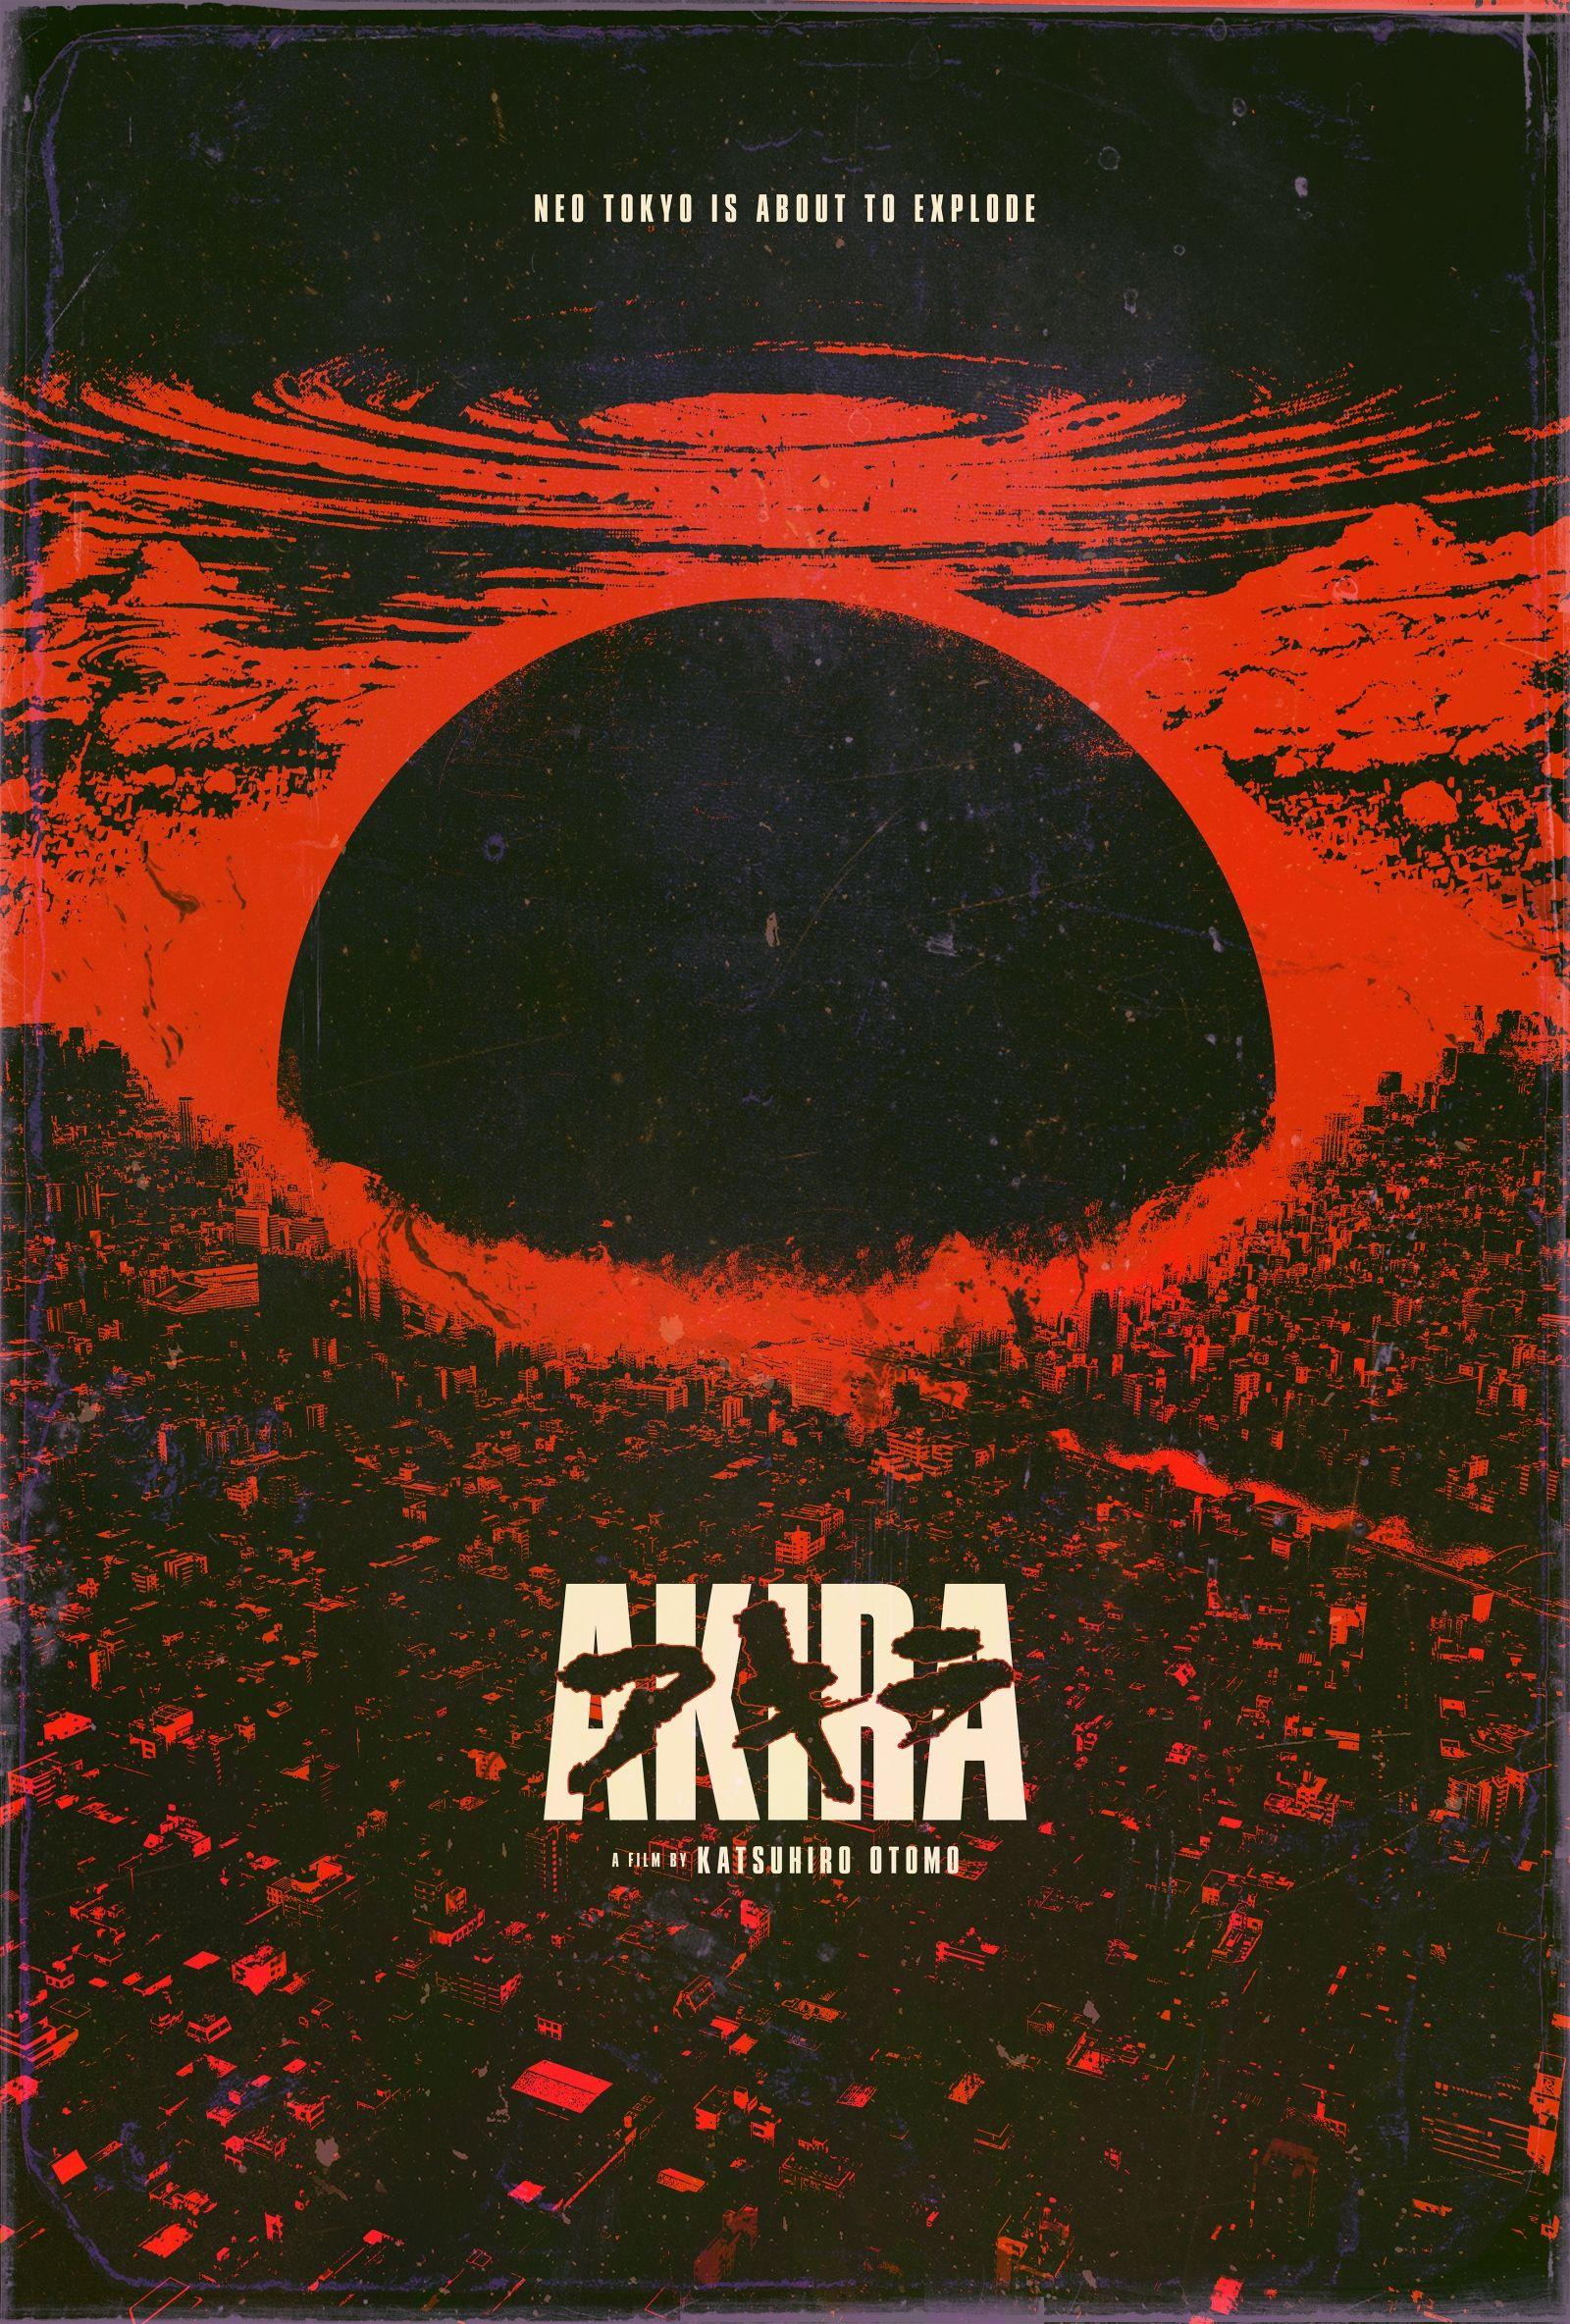 300 件 Akira アキラ 大友克洋 おすすめの画像 Akira アキラ 大友克洋 アキラ